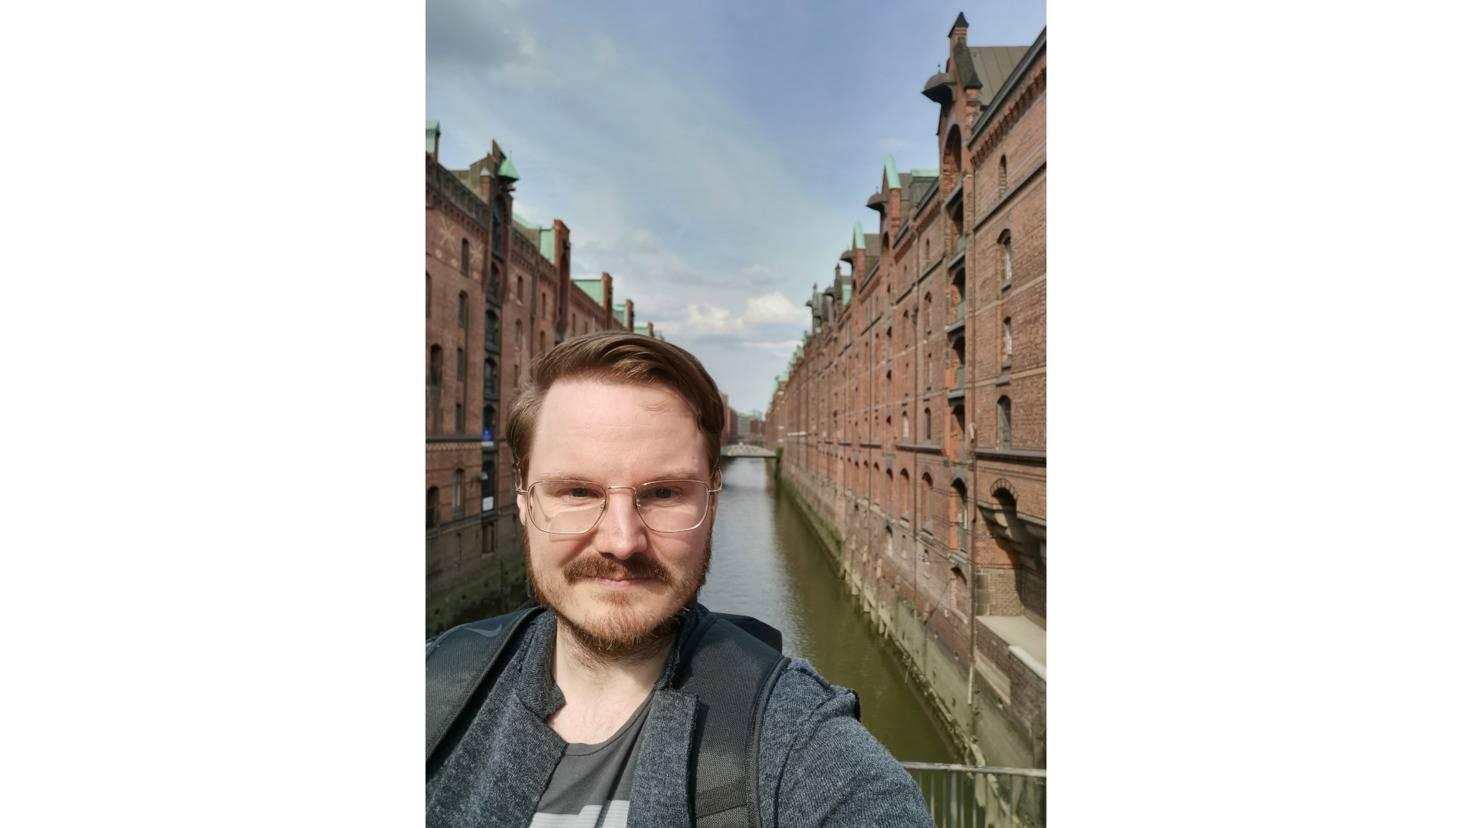 honor-20-pro-selfie-foto